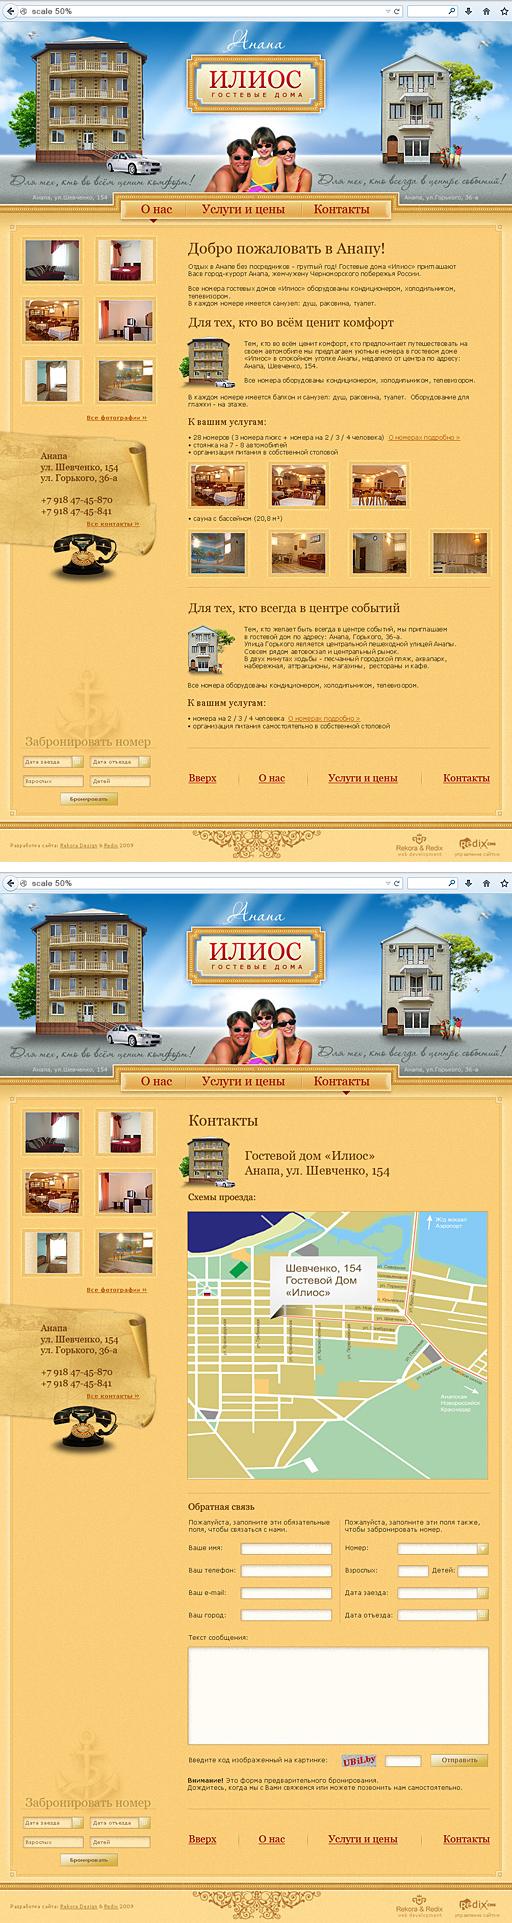 2009 - «Илиос» - гостевые дома в Анапе